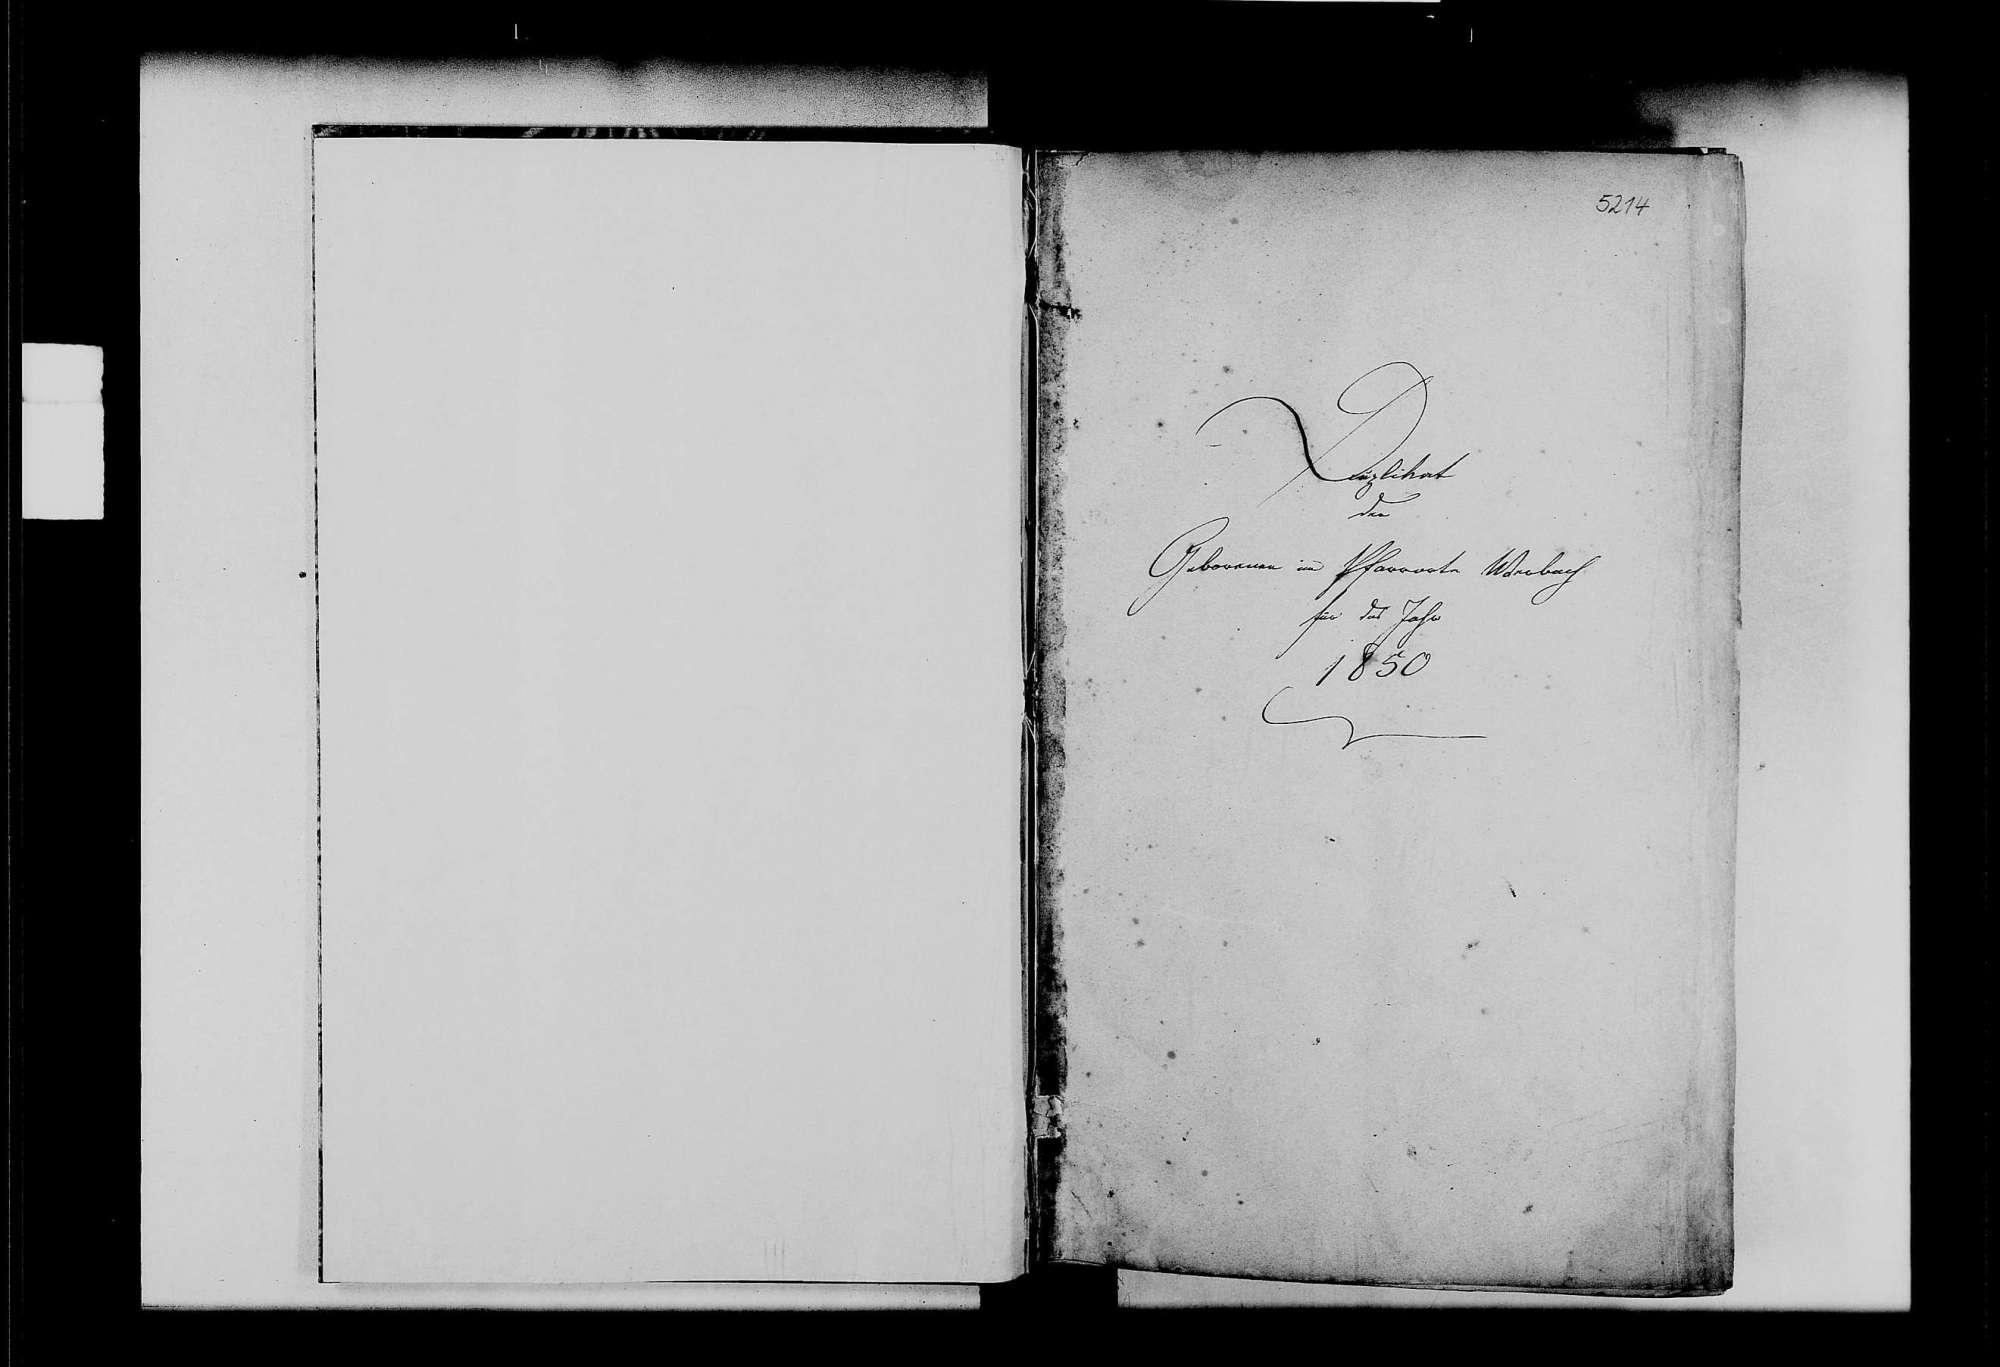 Werbach, katholische Gemeinde: Standesbuch 1850-1859, Bild 2